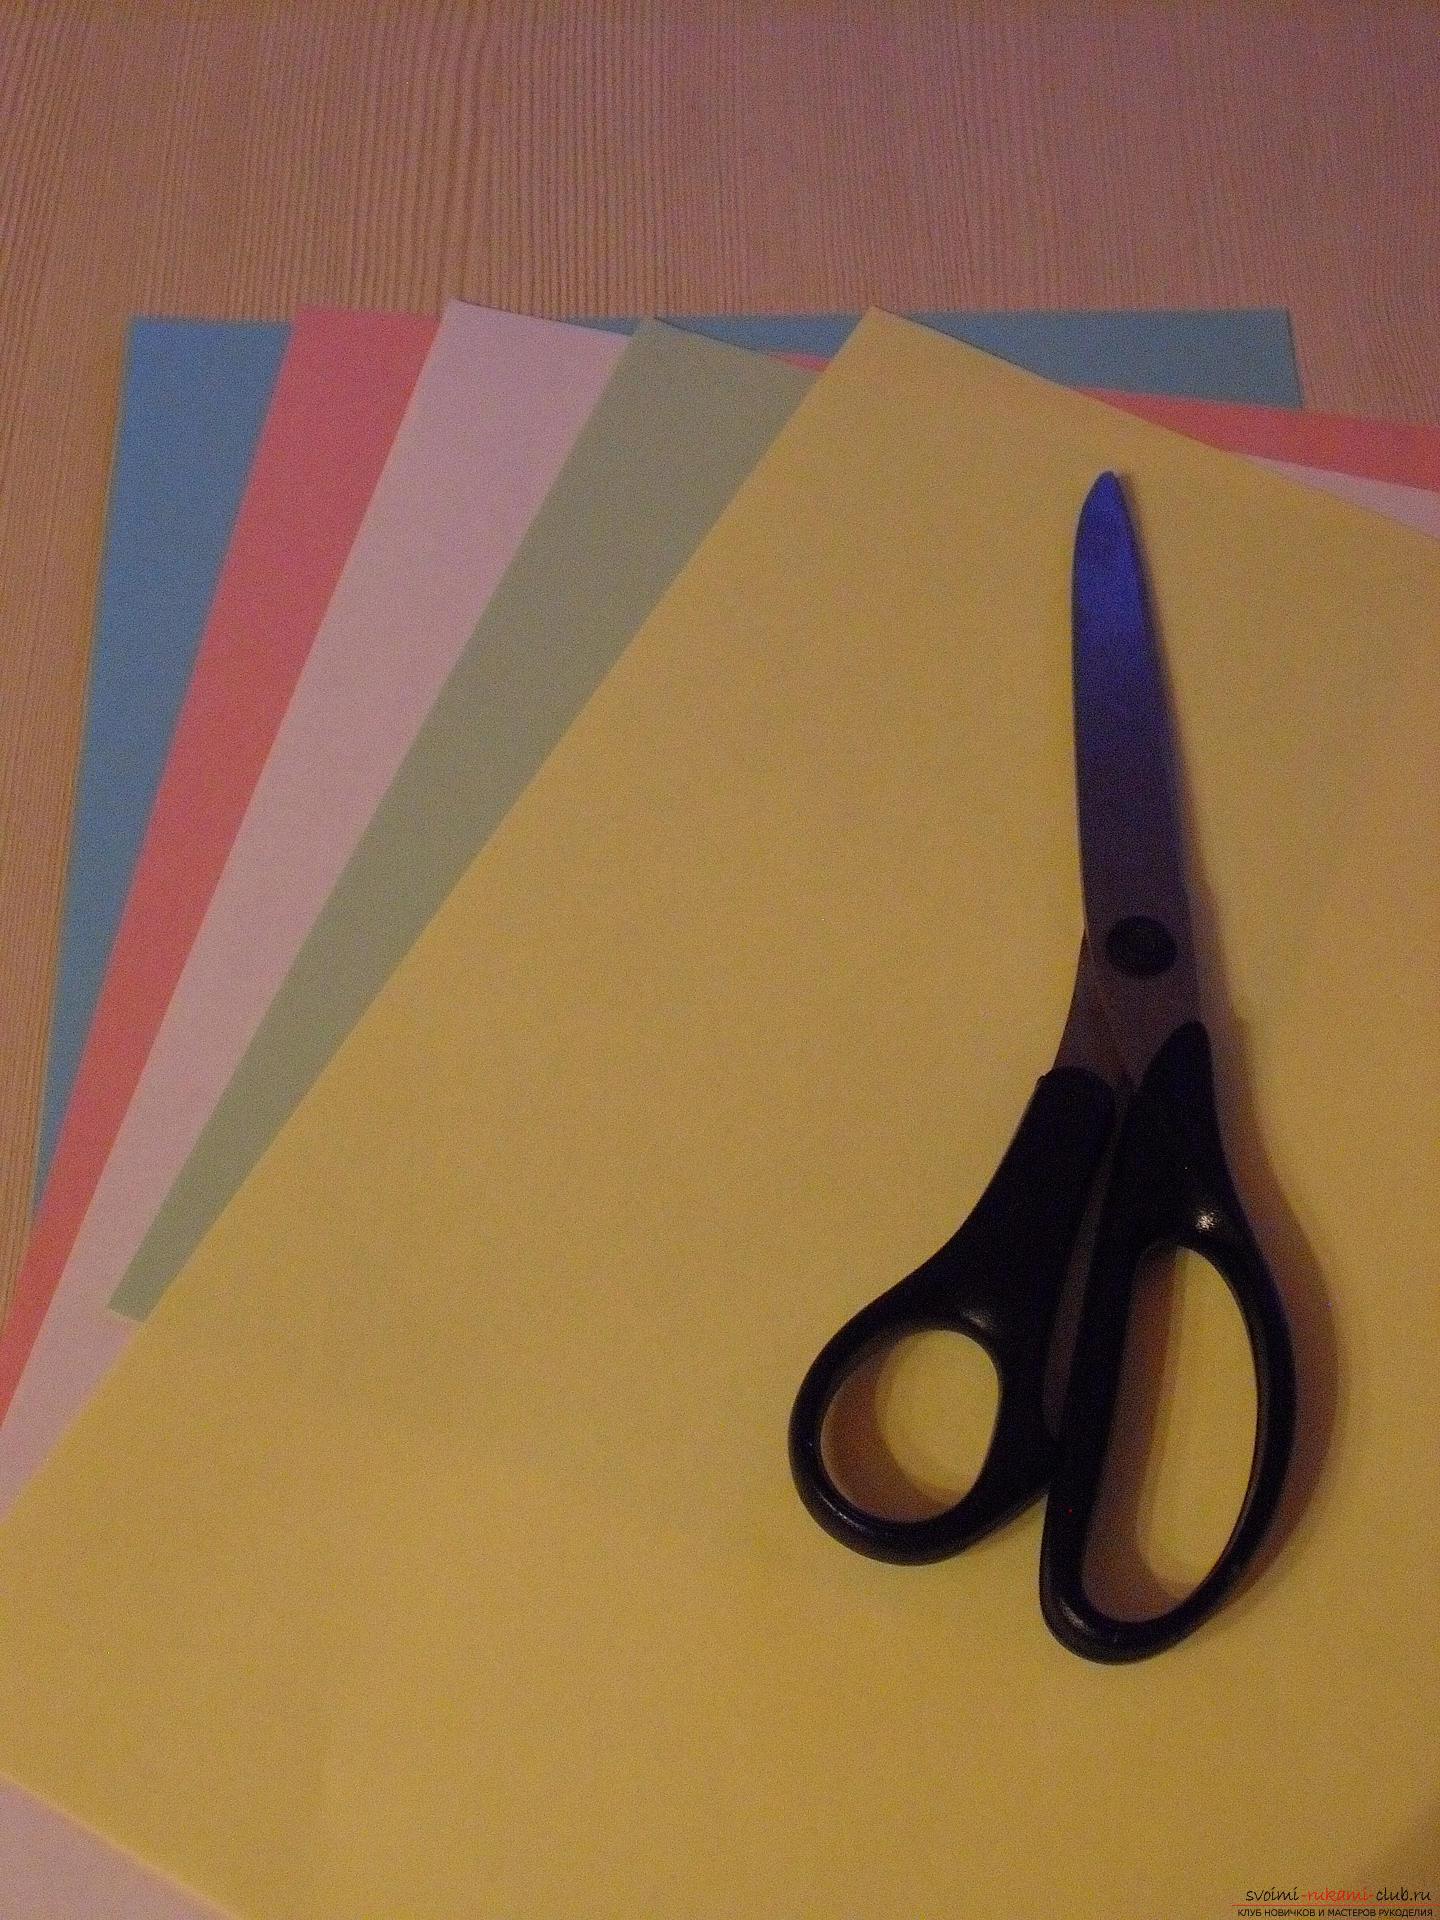 Этот пошаговый мастер-класс с инструкцией модульного оригами научит как сделать корзинку с лилиями.. Фото №2